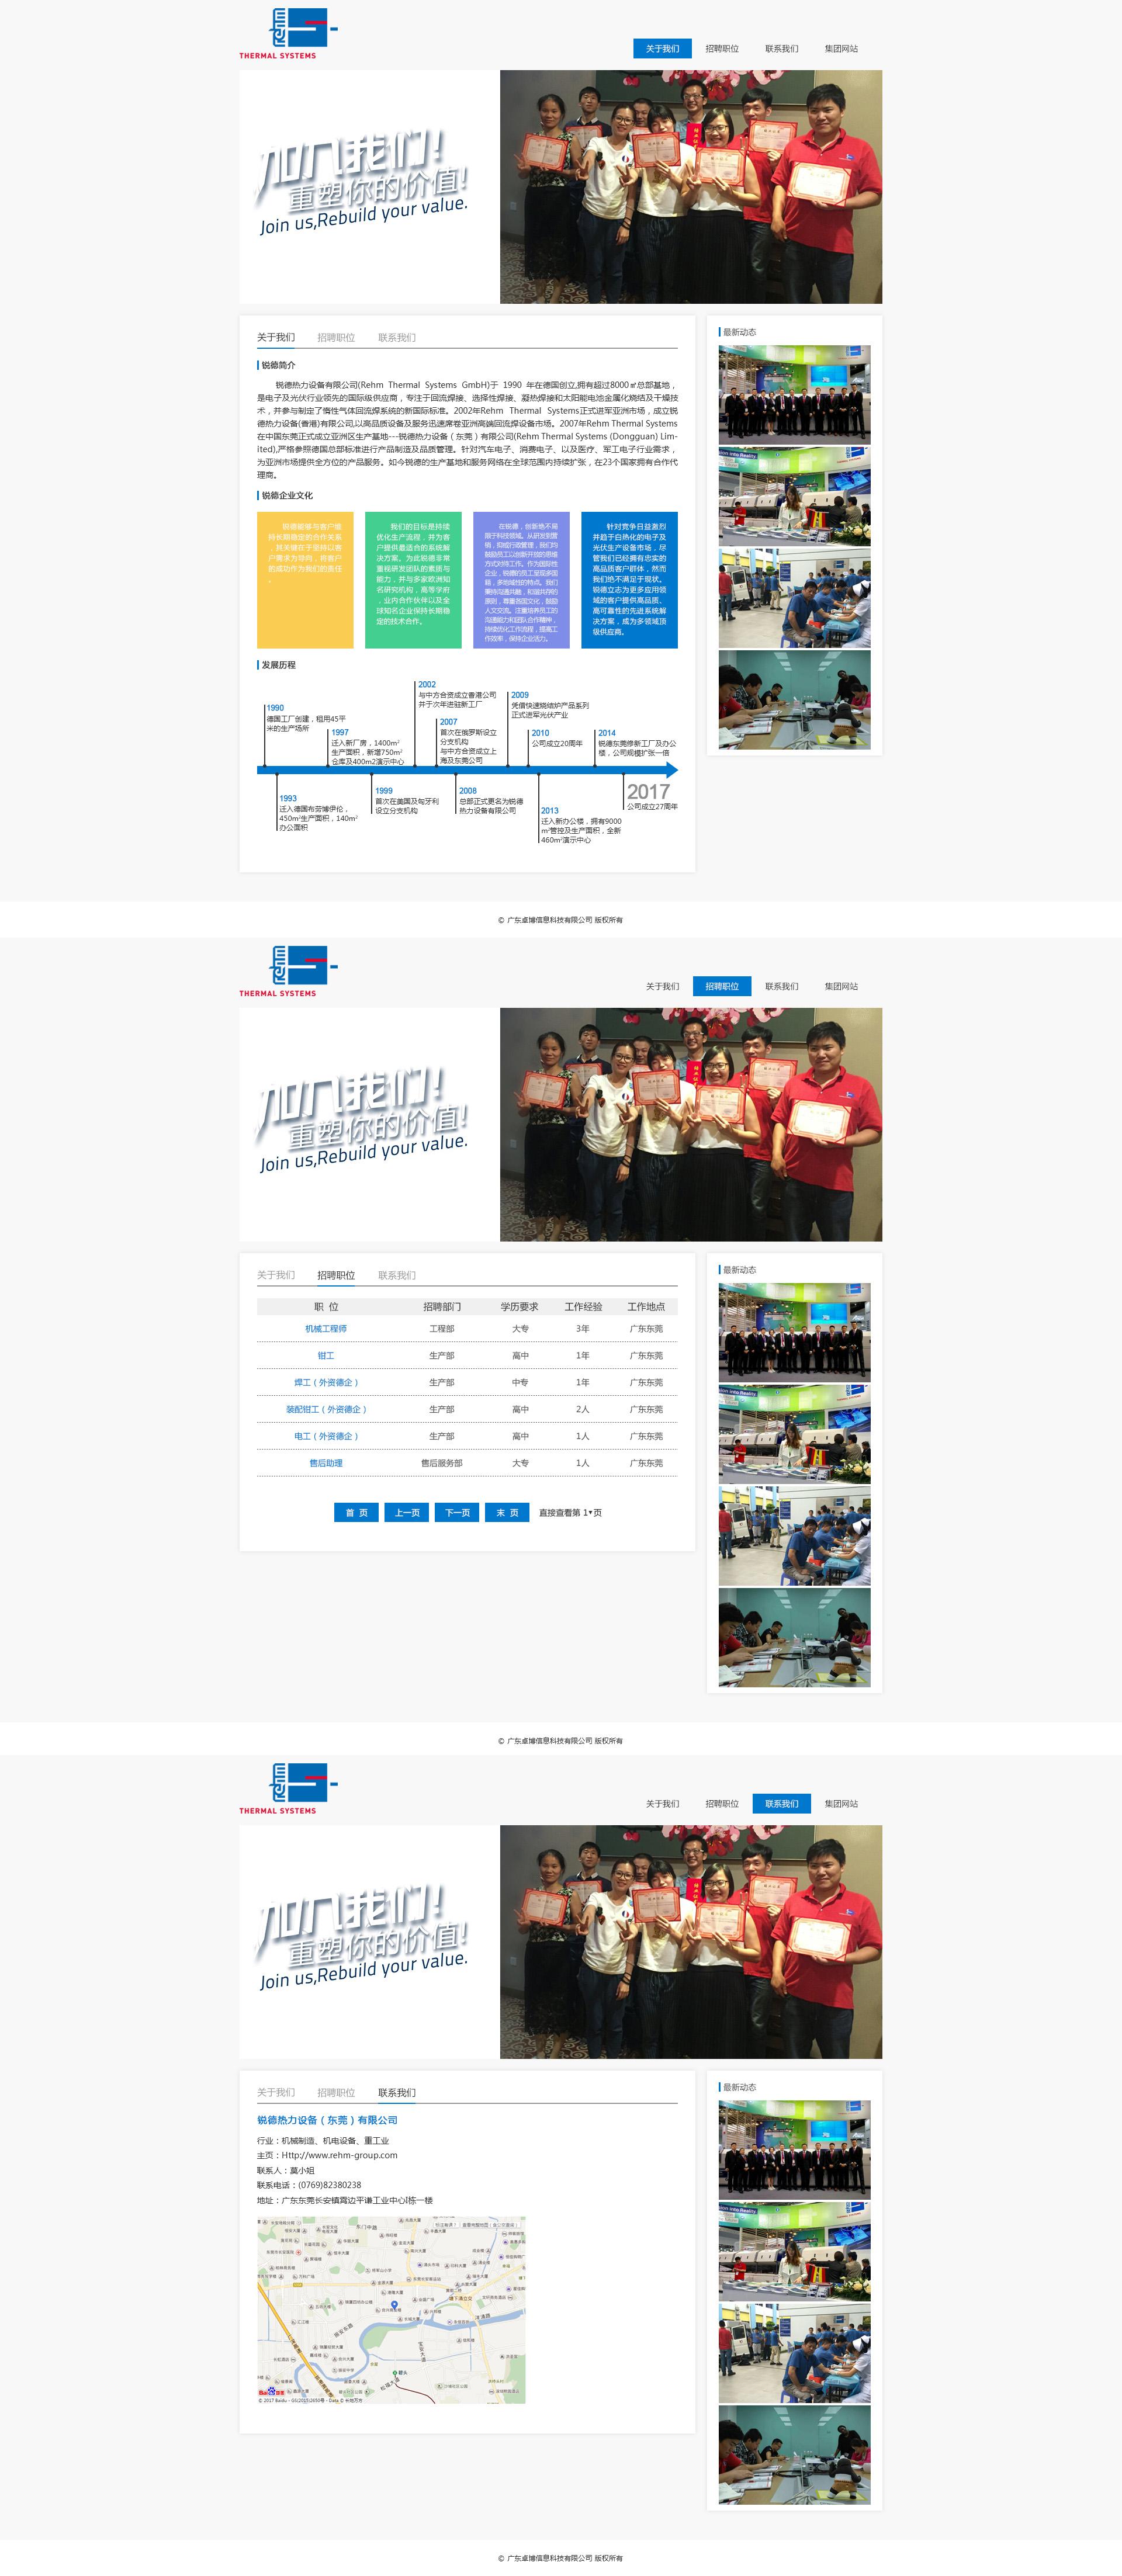 Qipad2游戏闪退Q游戏四人斗地主—在线播放—《QQ游戏四人斗地主》—游戏—优.qq四人斗地主以技术赢市场,以服务树口碑和无微不至的服务,赢得众口皆碑的企业品牌形象。公司不断创新突破,在相关技术平台的应用和推广方面另辟蹊径,开辟了全新的.